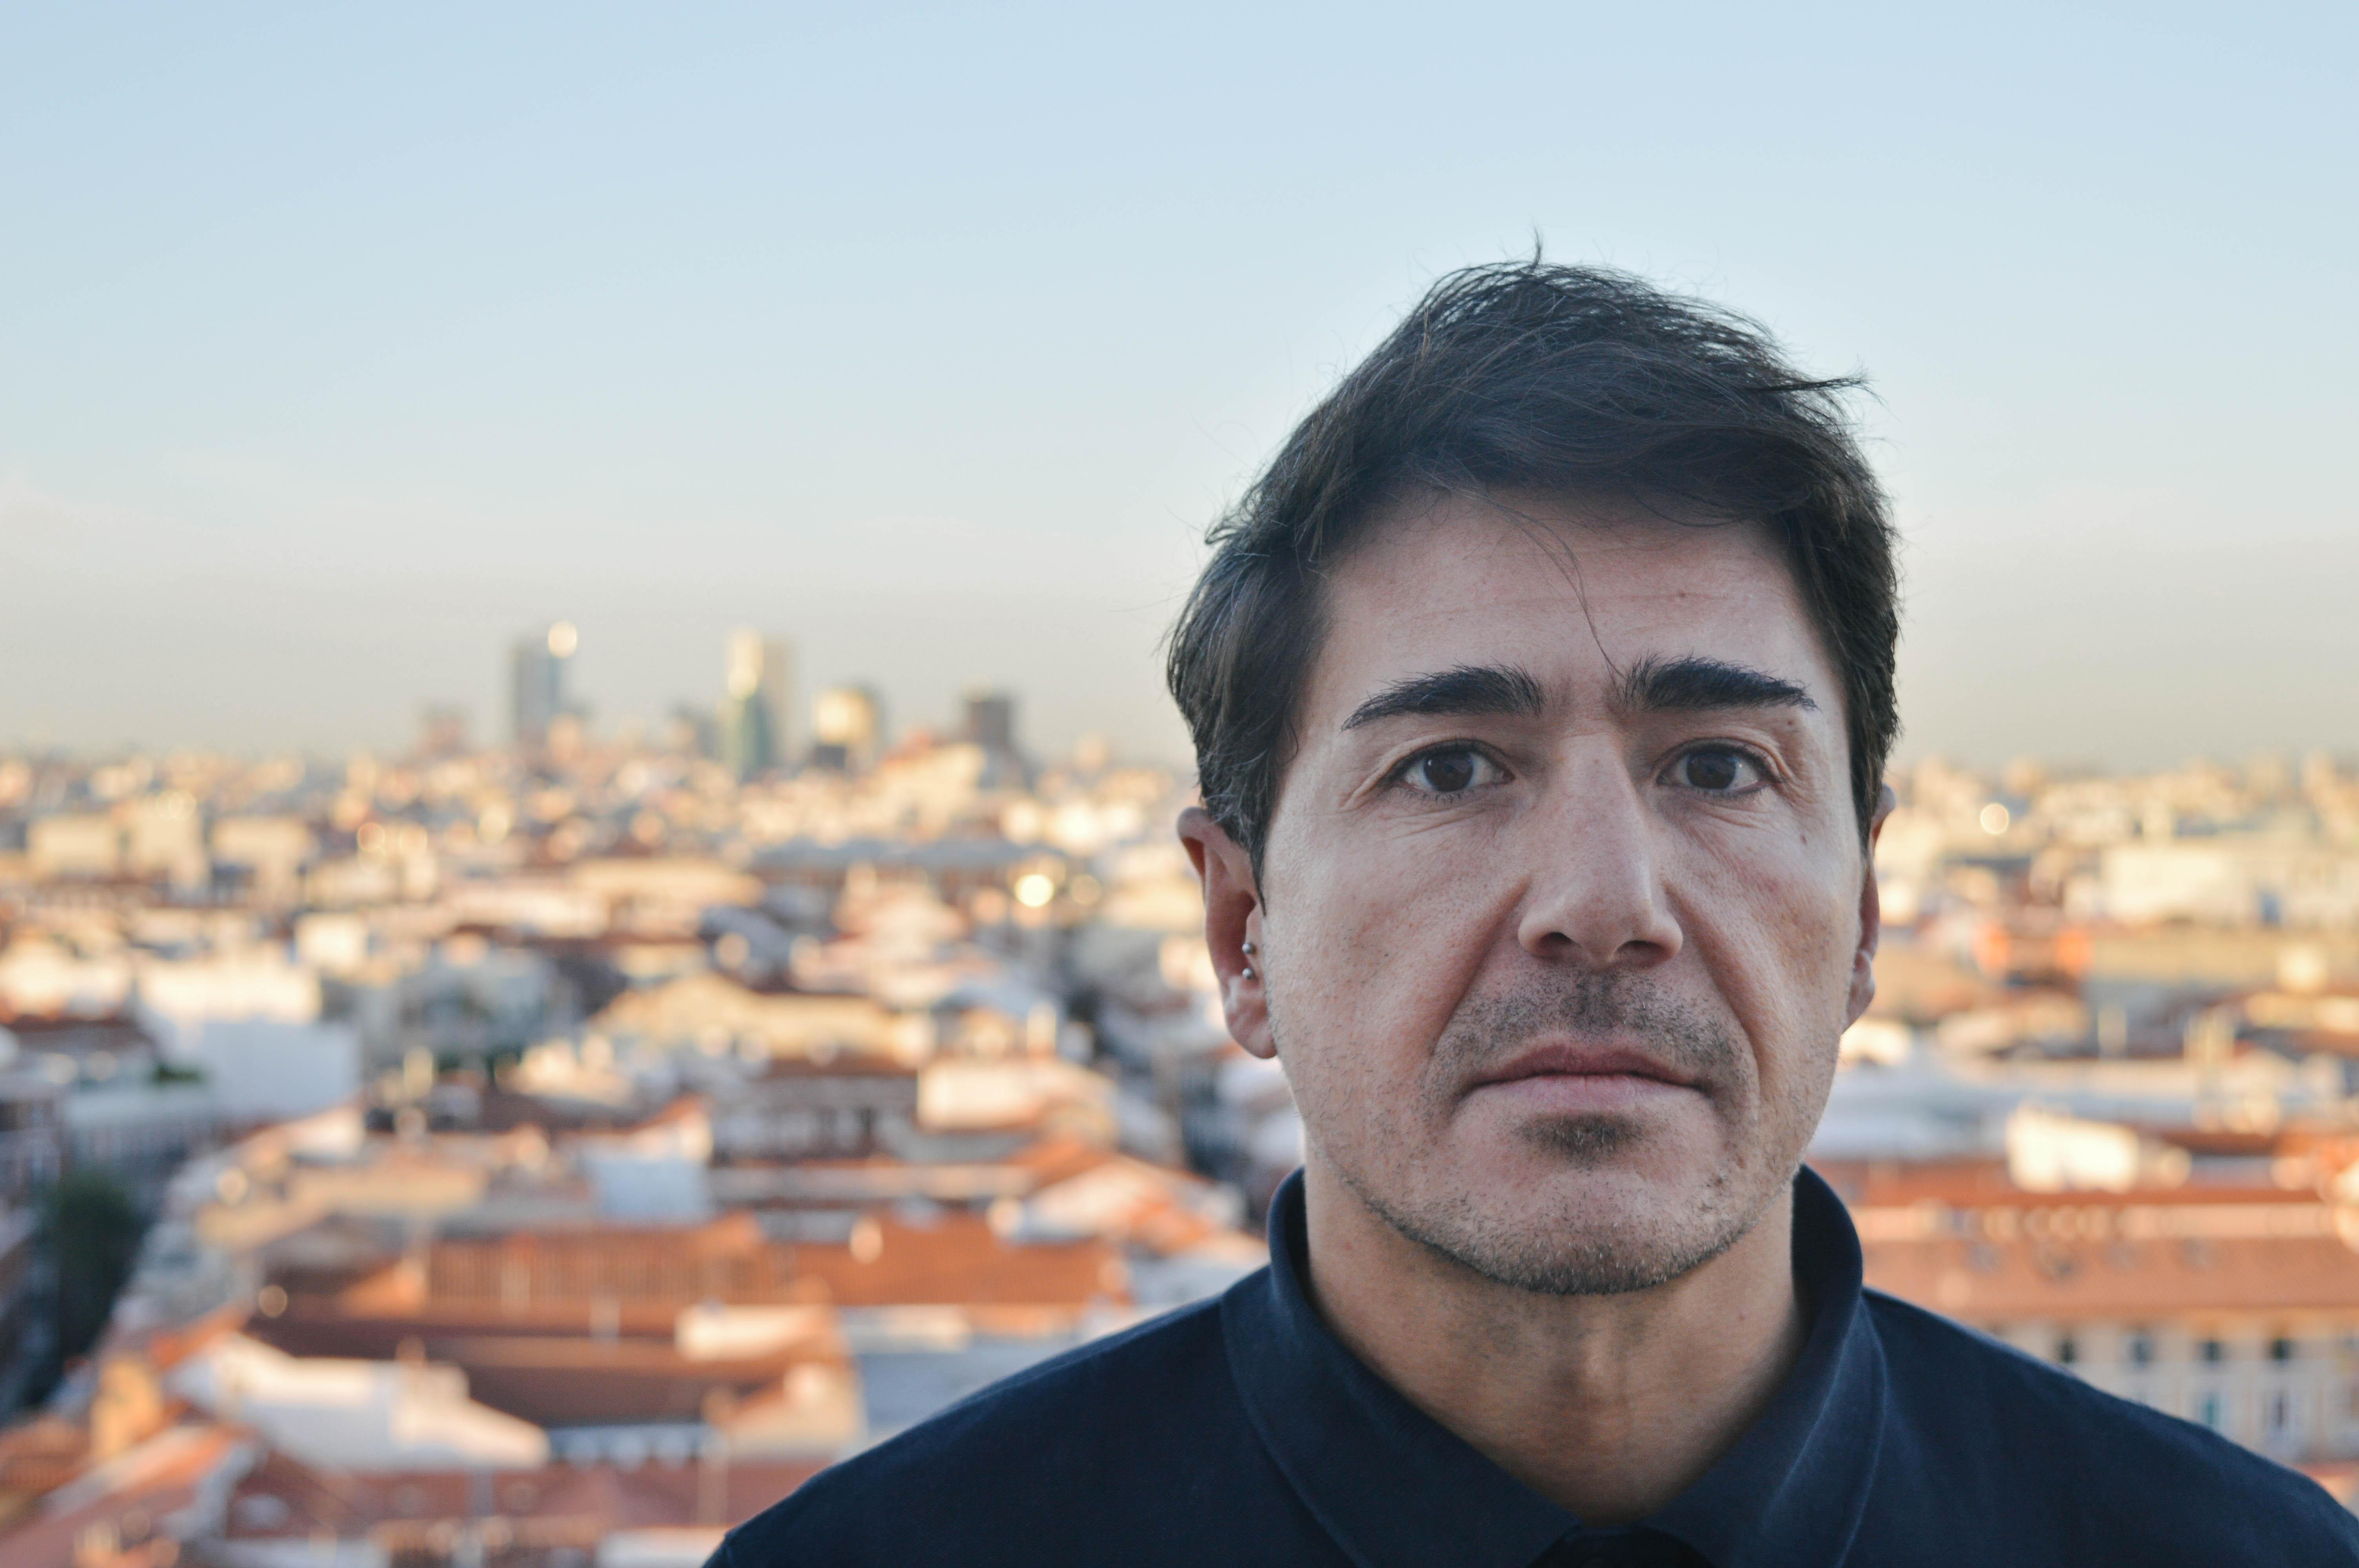 Yago de Vega azotea Cadena SER Madrid